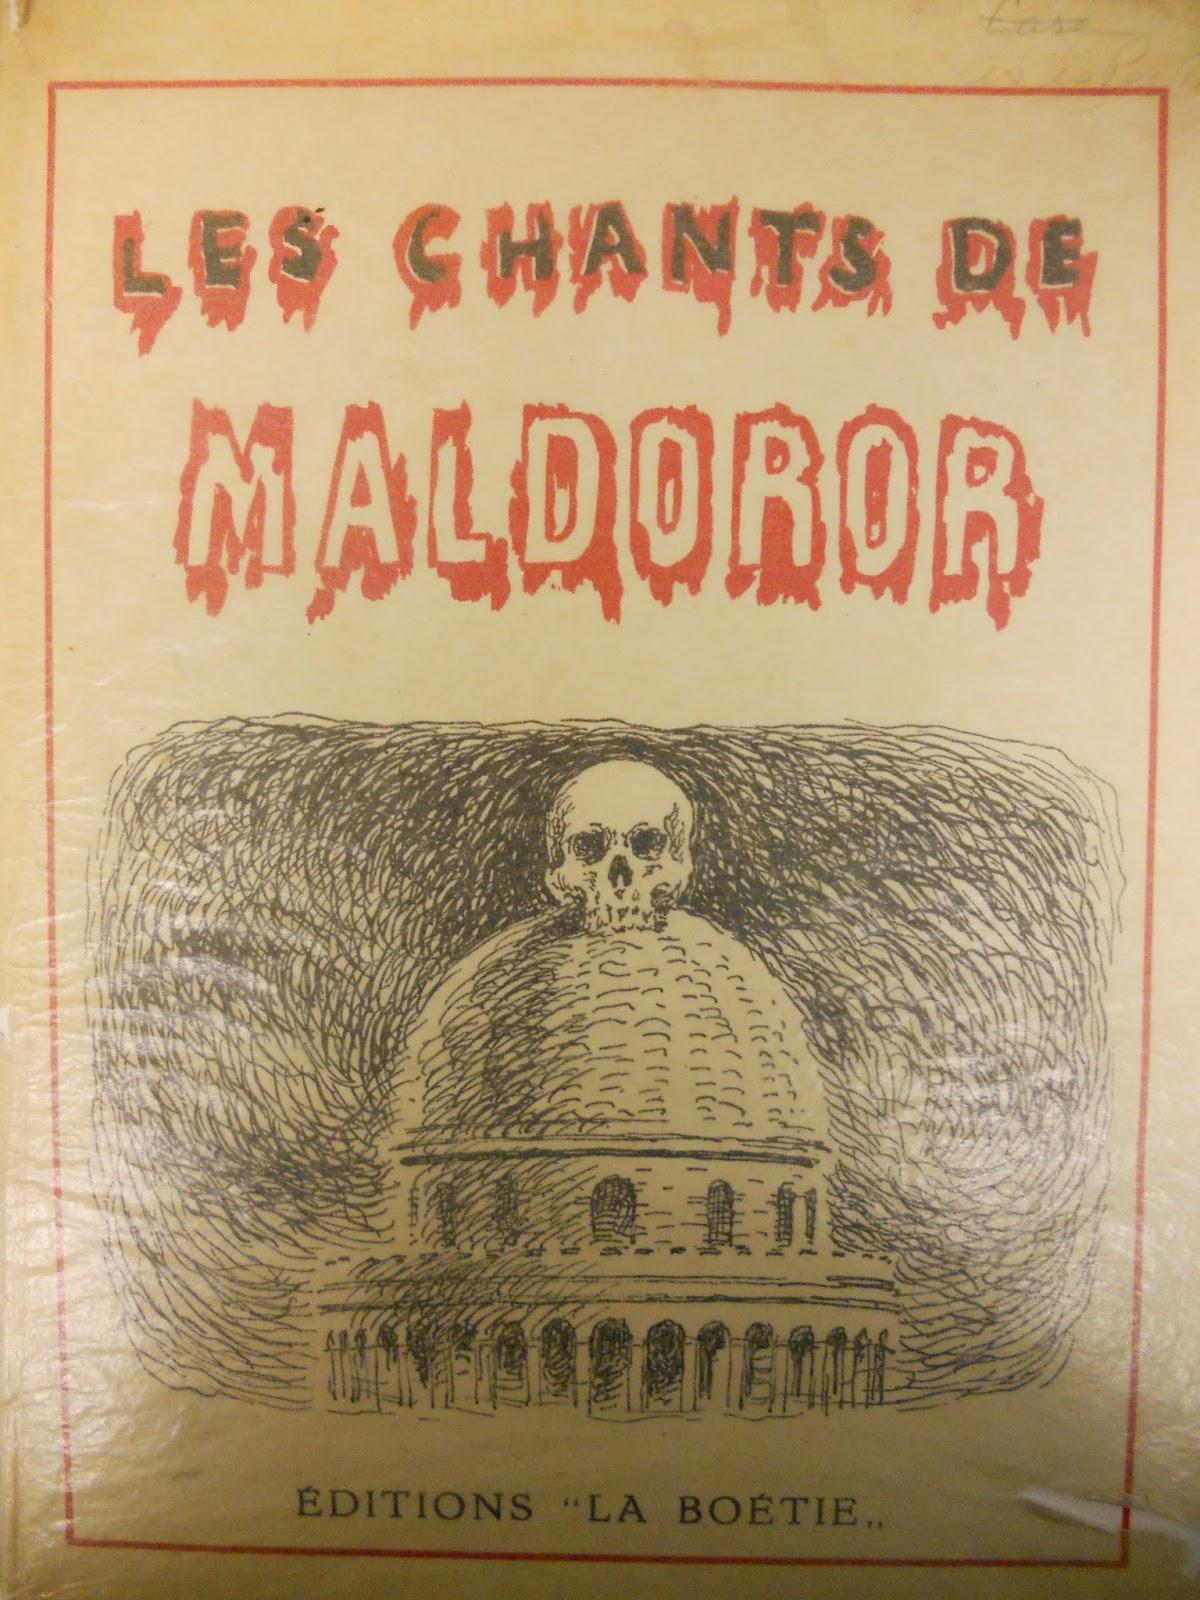 Isidore-Lucien Ducasse (1846-1870) was a Uruguayan-born French poet who,  under the pseudonym Comte de Lautréamont, published Les Chants de Maldoror  in 1869. fac9334c7799